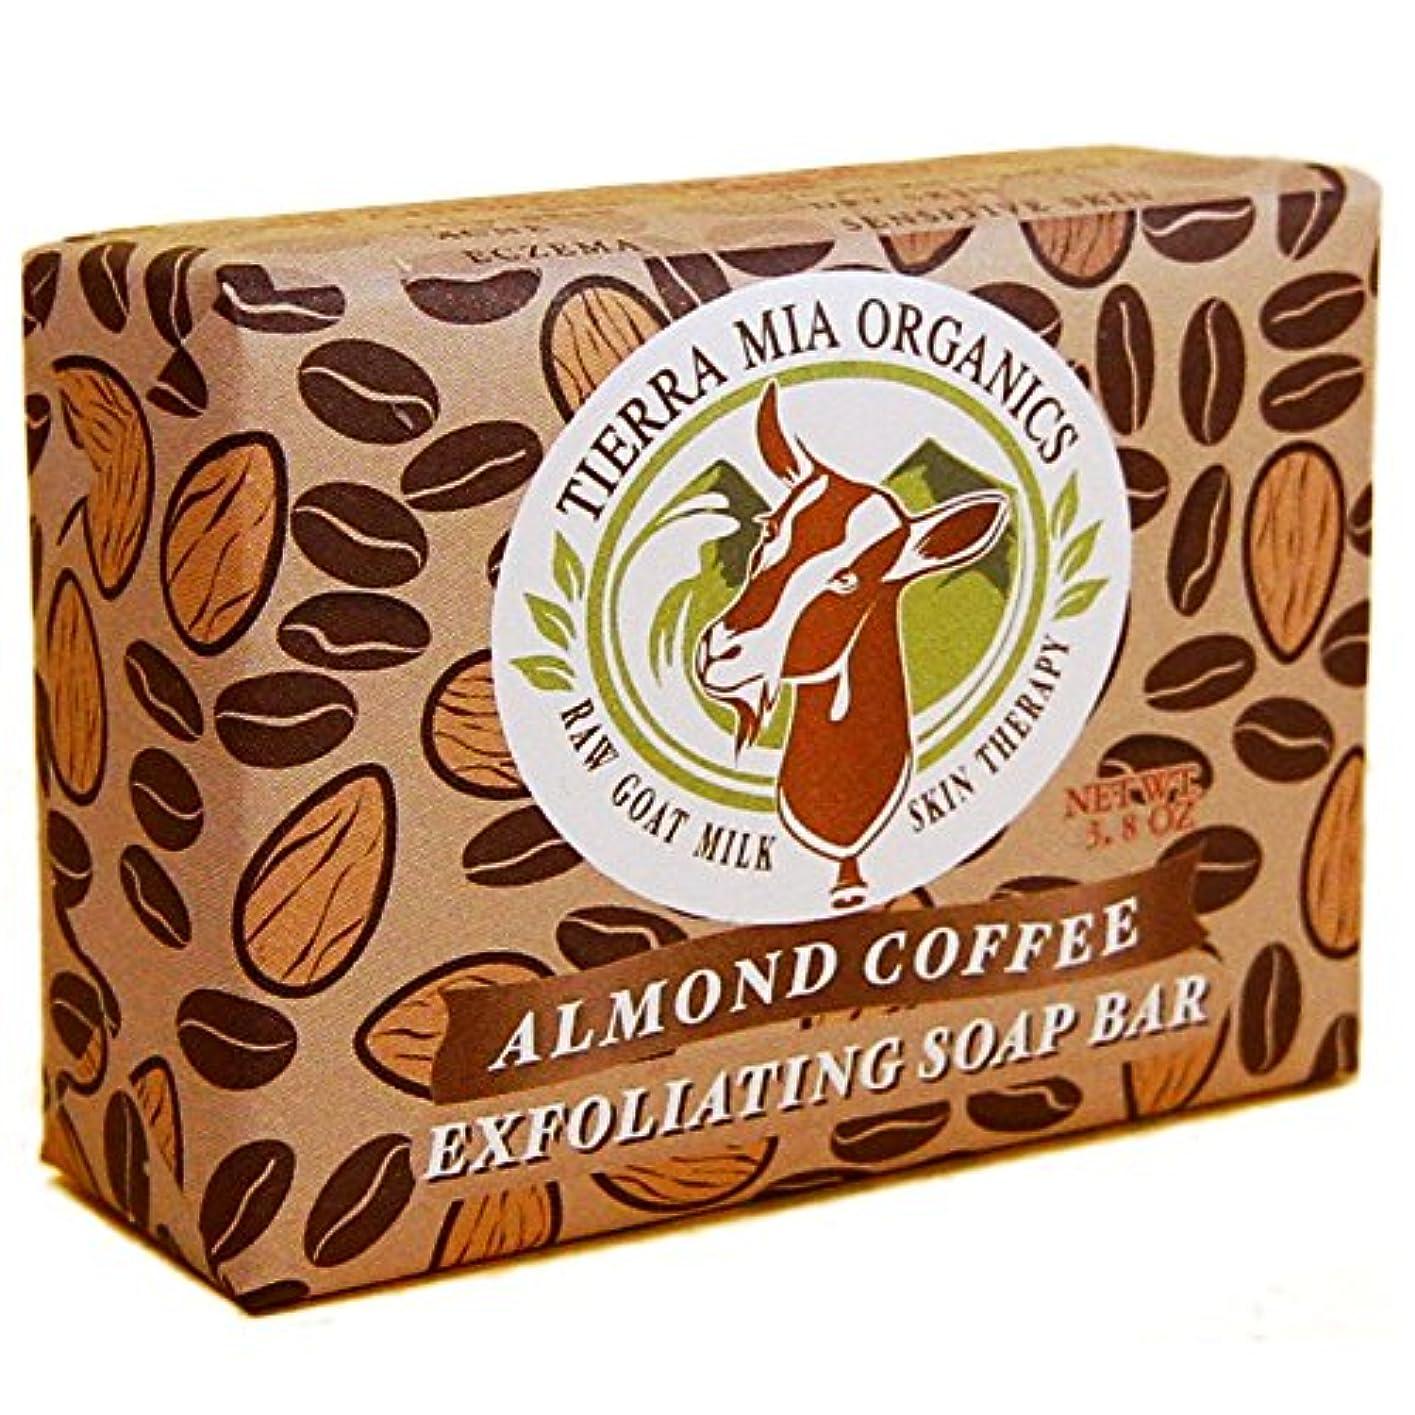 第五断言する公使館Tierra Mia Organics, Raw Goat Milk Skin Therapy, Exfoliating Soap Bar, Almond Coffee, 3.8 oz